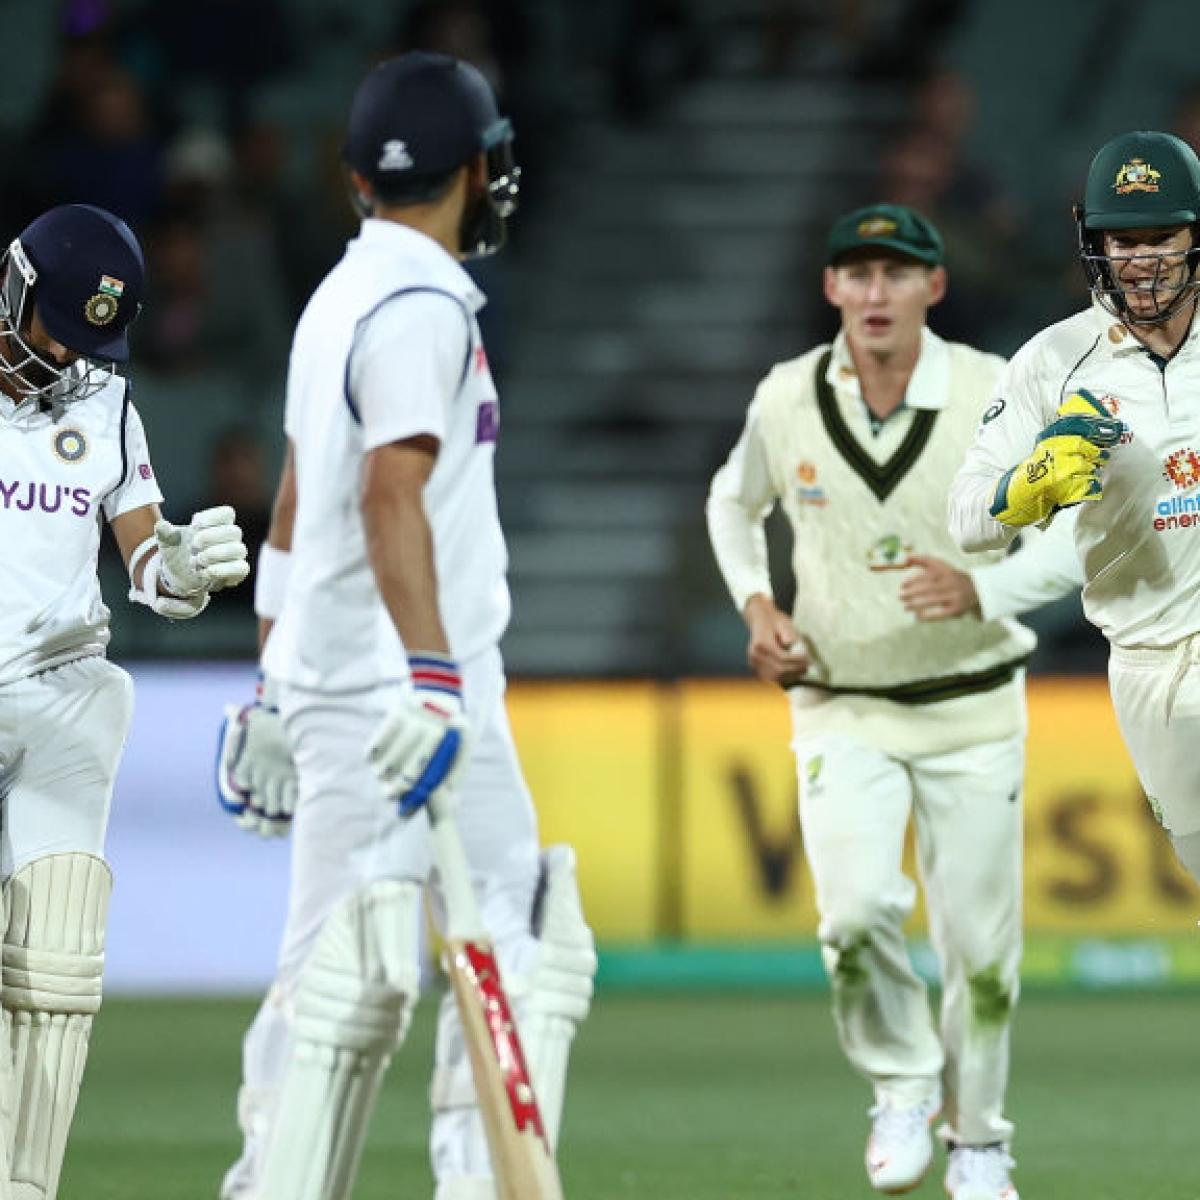 Ind vs Aus: New three-day lockdown in Brisbane City puts 4th Test match under uncertainty